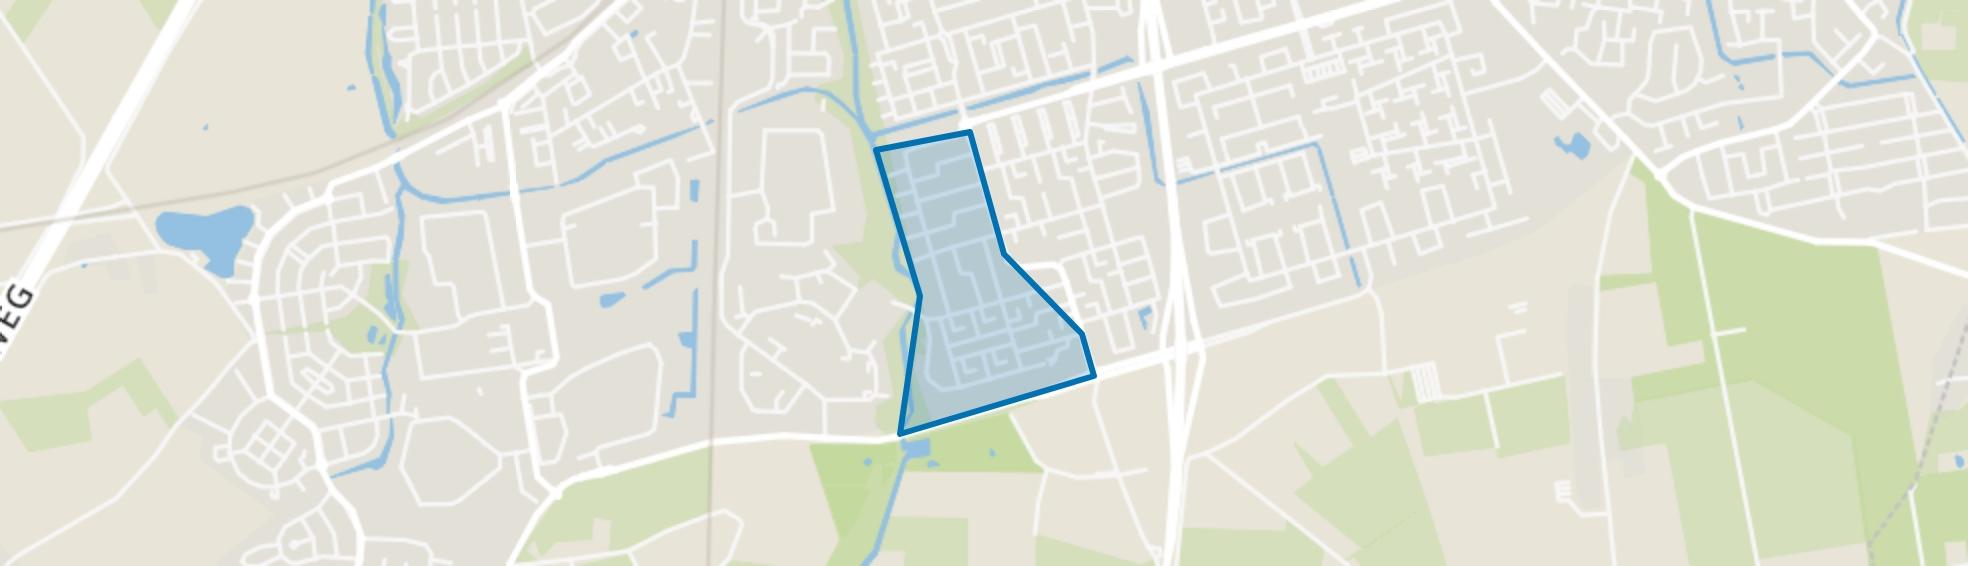 Kroeven-Zuidwest, Roosendaal map